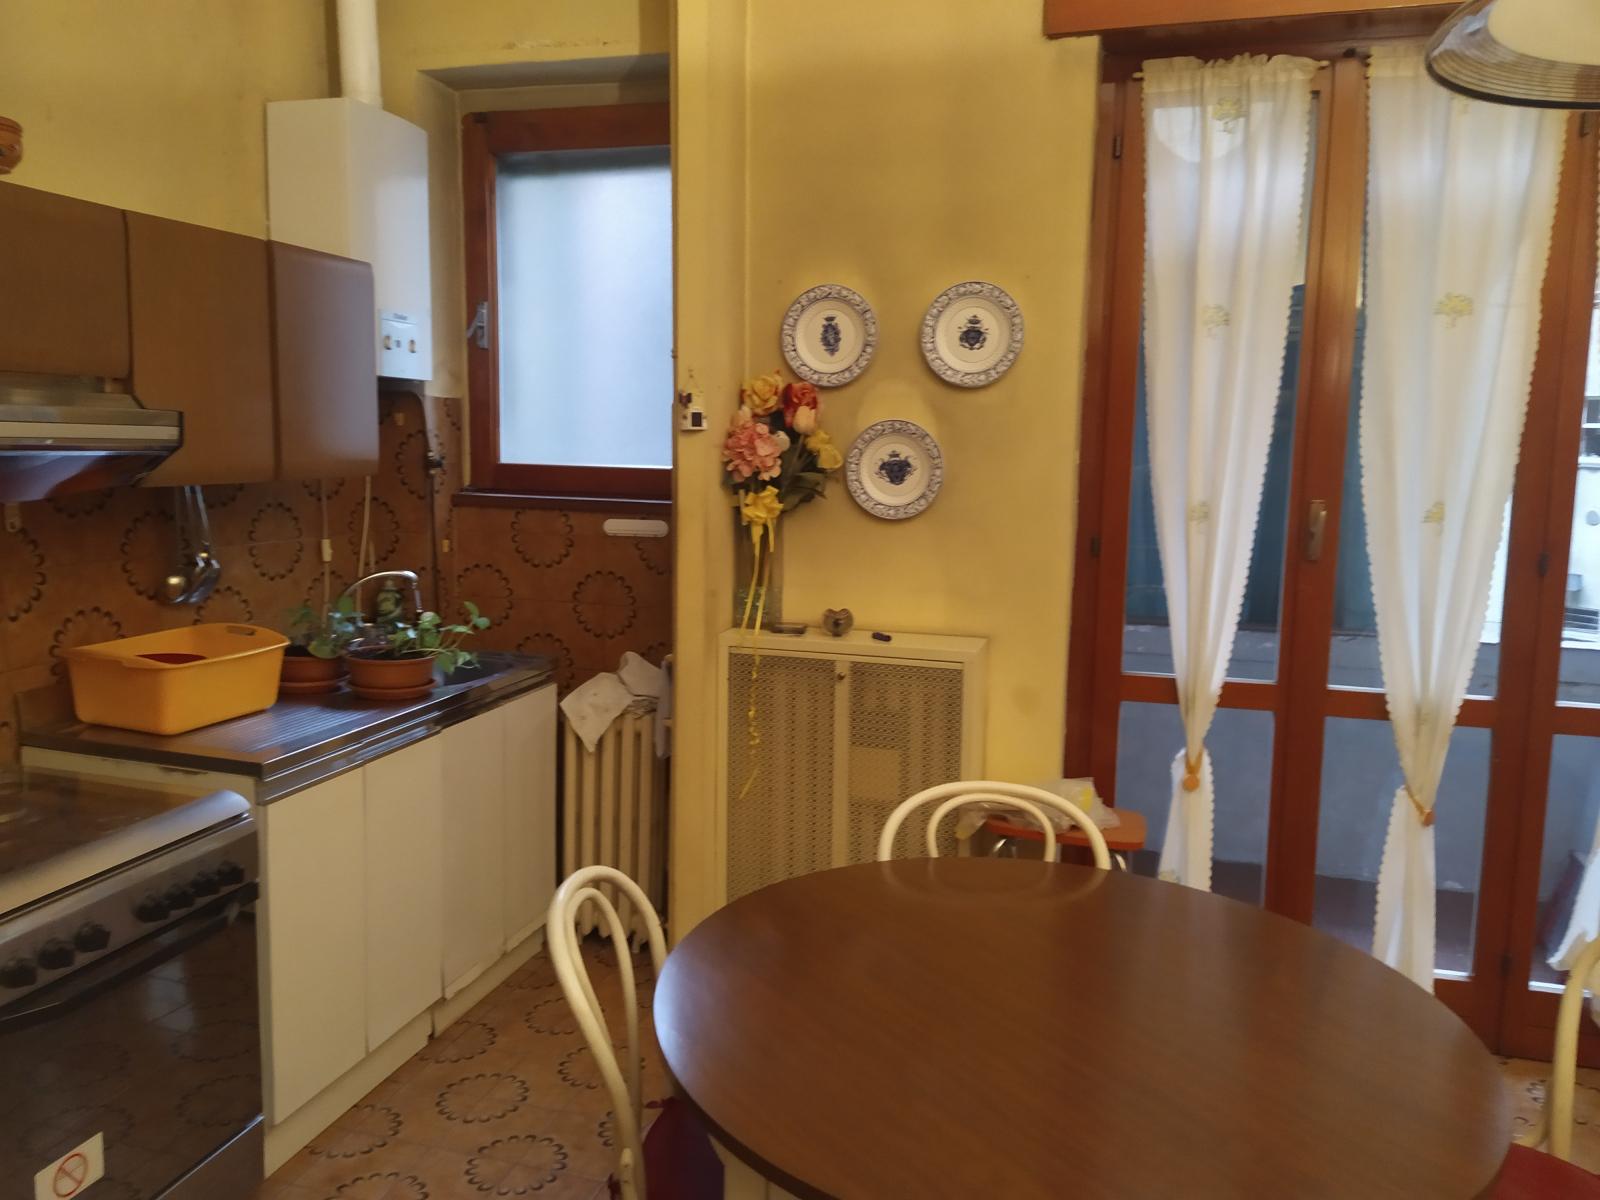 appartamento-in-vendita-piazza-seminunte-tre-locali-milano-da-ristrutturare-spaziourbano-immobiliare-dove-trovi-casa-22